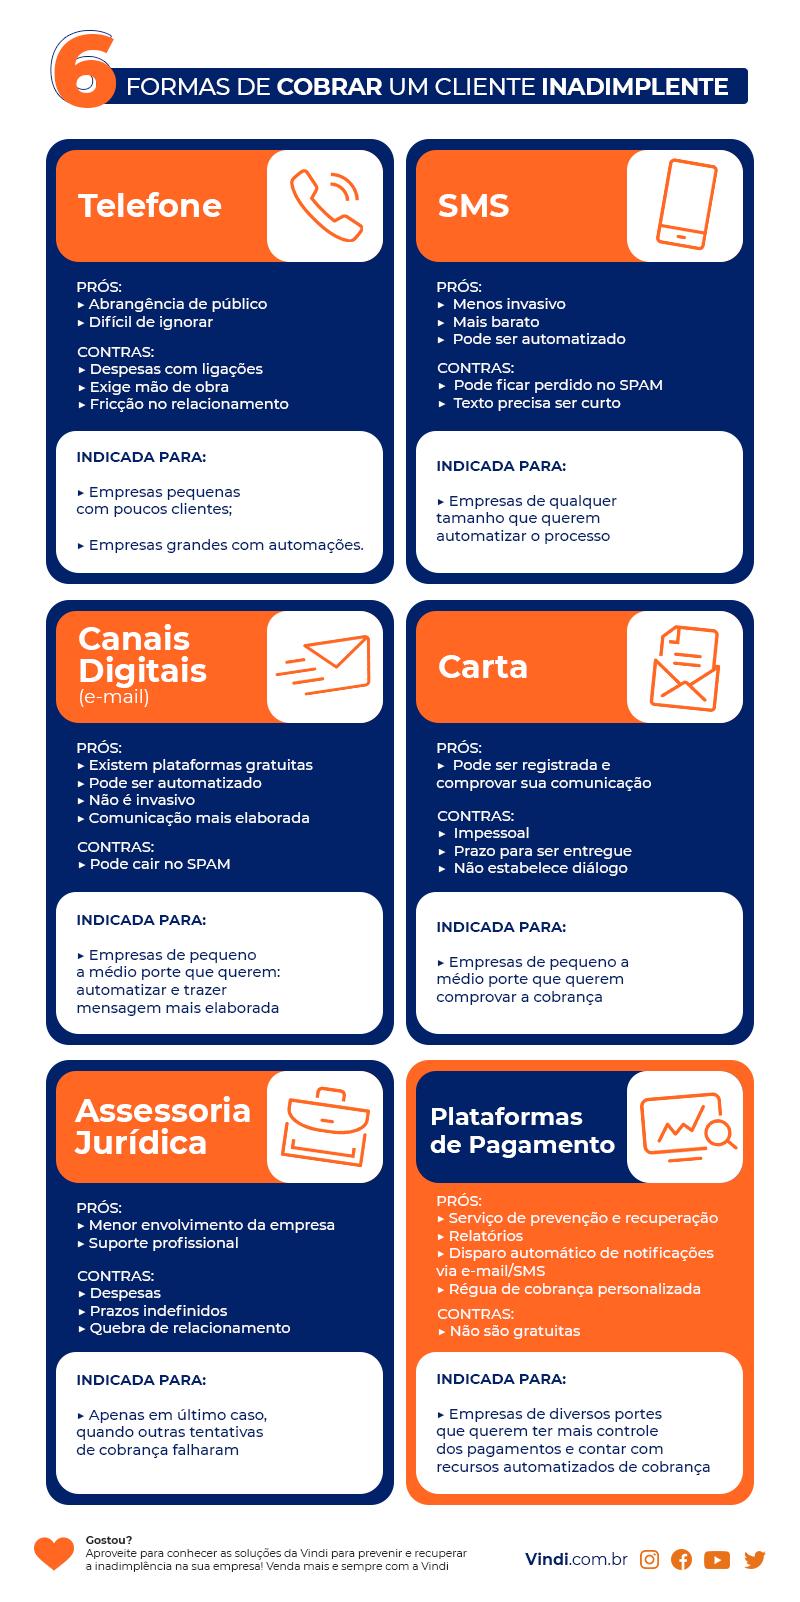 Inadimplência - guia visual com as 6 formas de cobrar um cliente inadimplente.